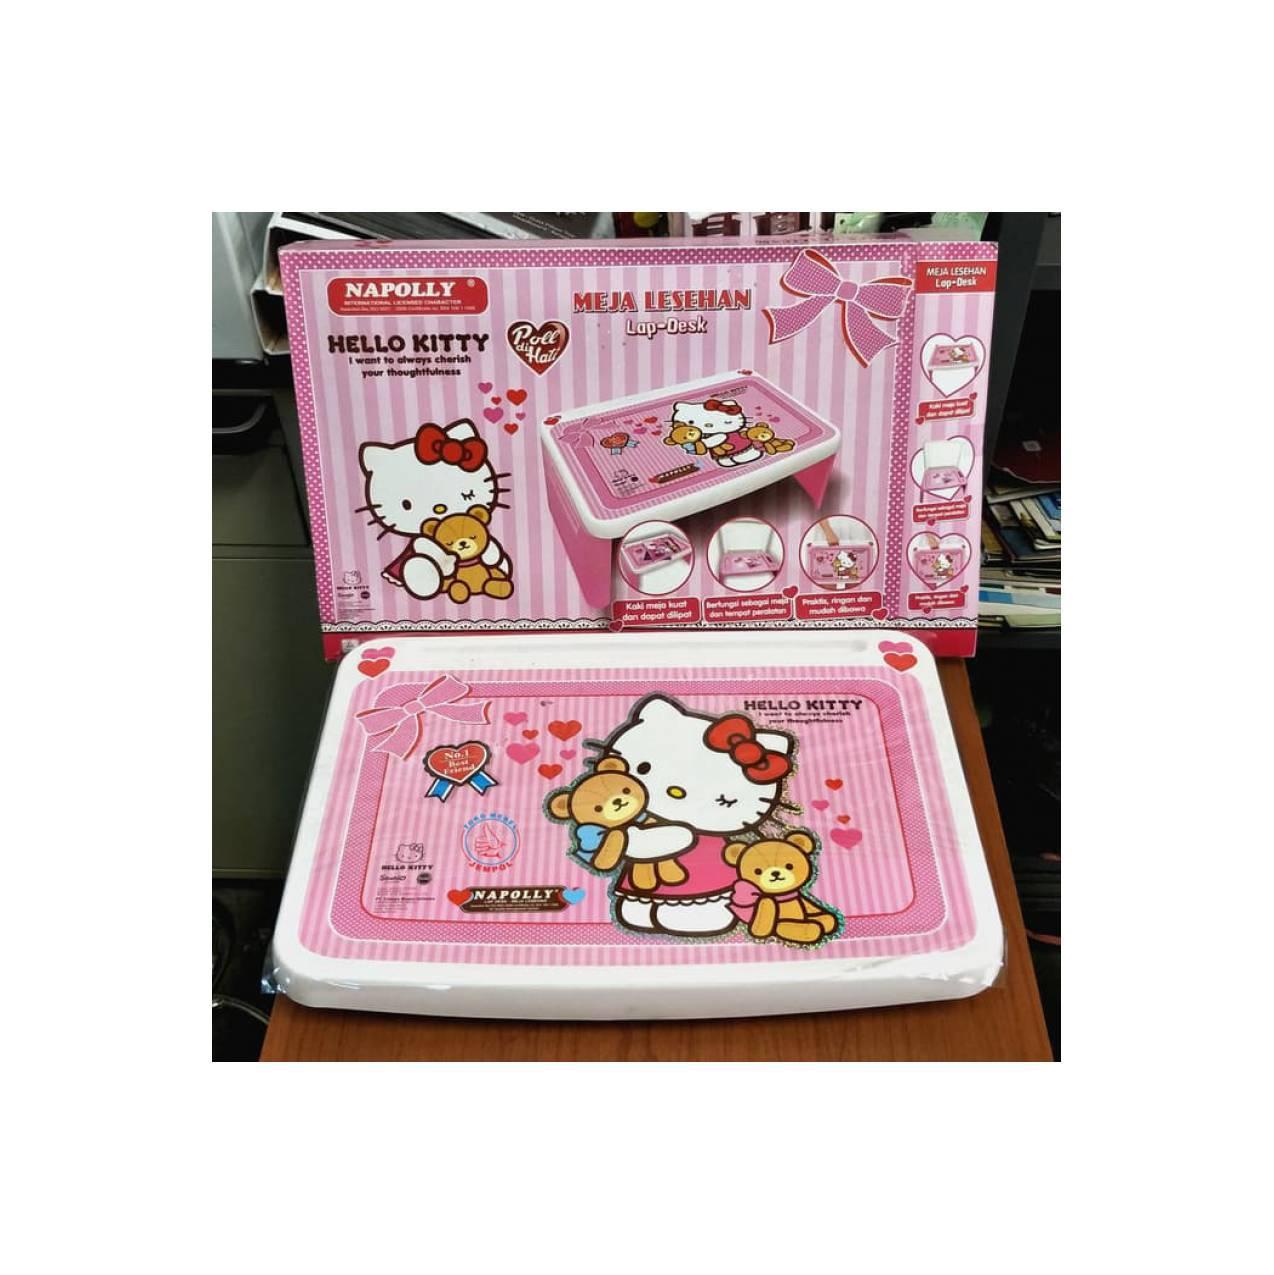 Napolly Meja Lipat Anak Princess Pink Daftar Harga Terkini Dan Lesehan Gambar Hello Kity Belajar Serbaguna